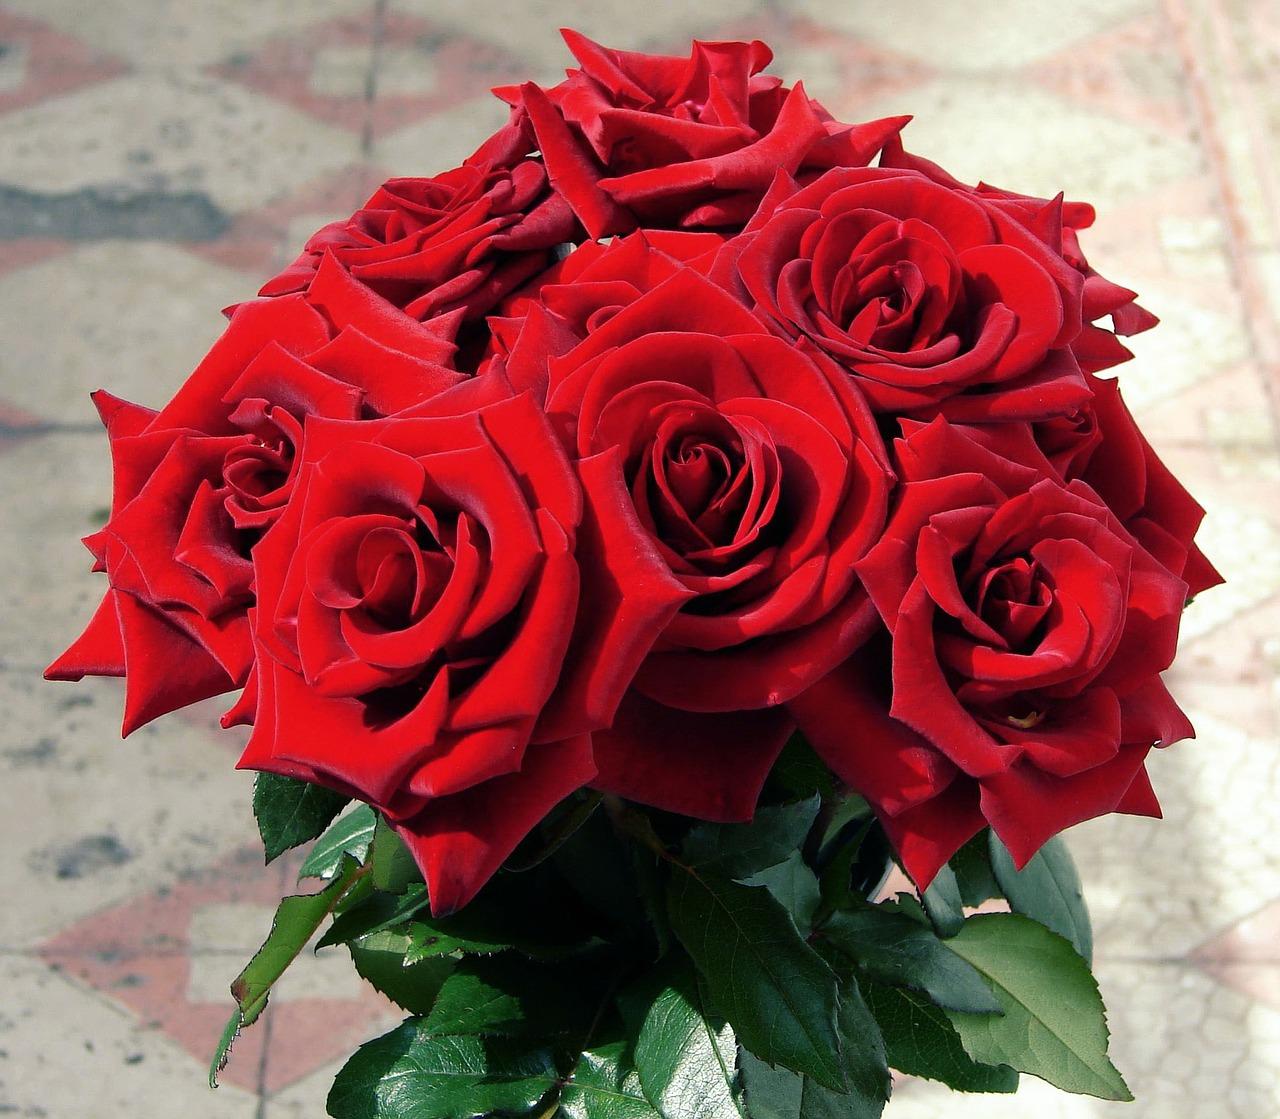 Comment composer votre bouquet de fleurs pour la Saint-Valentin ? 3